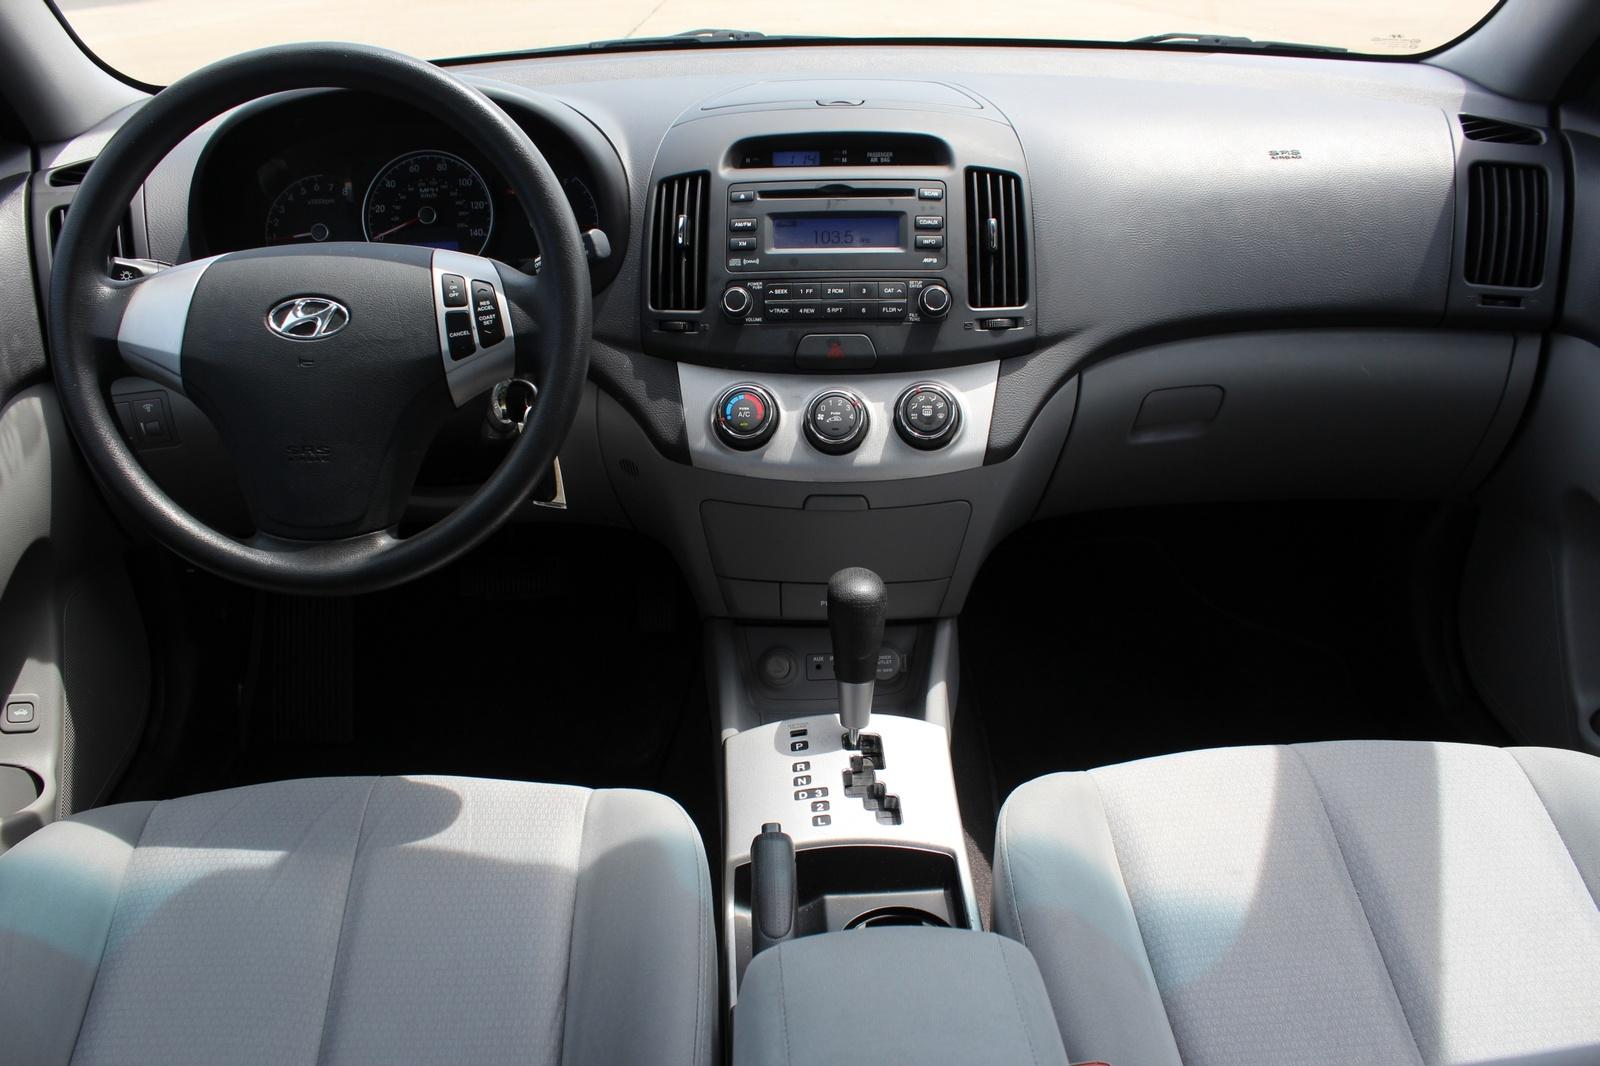 2009 Hyundai Elantra Interior Pictures Cargurus